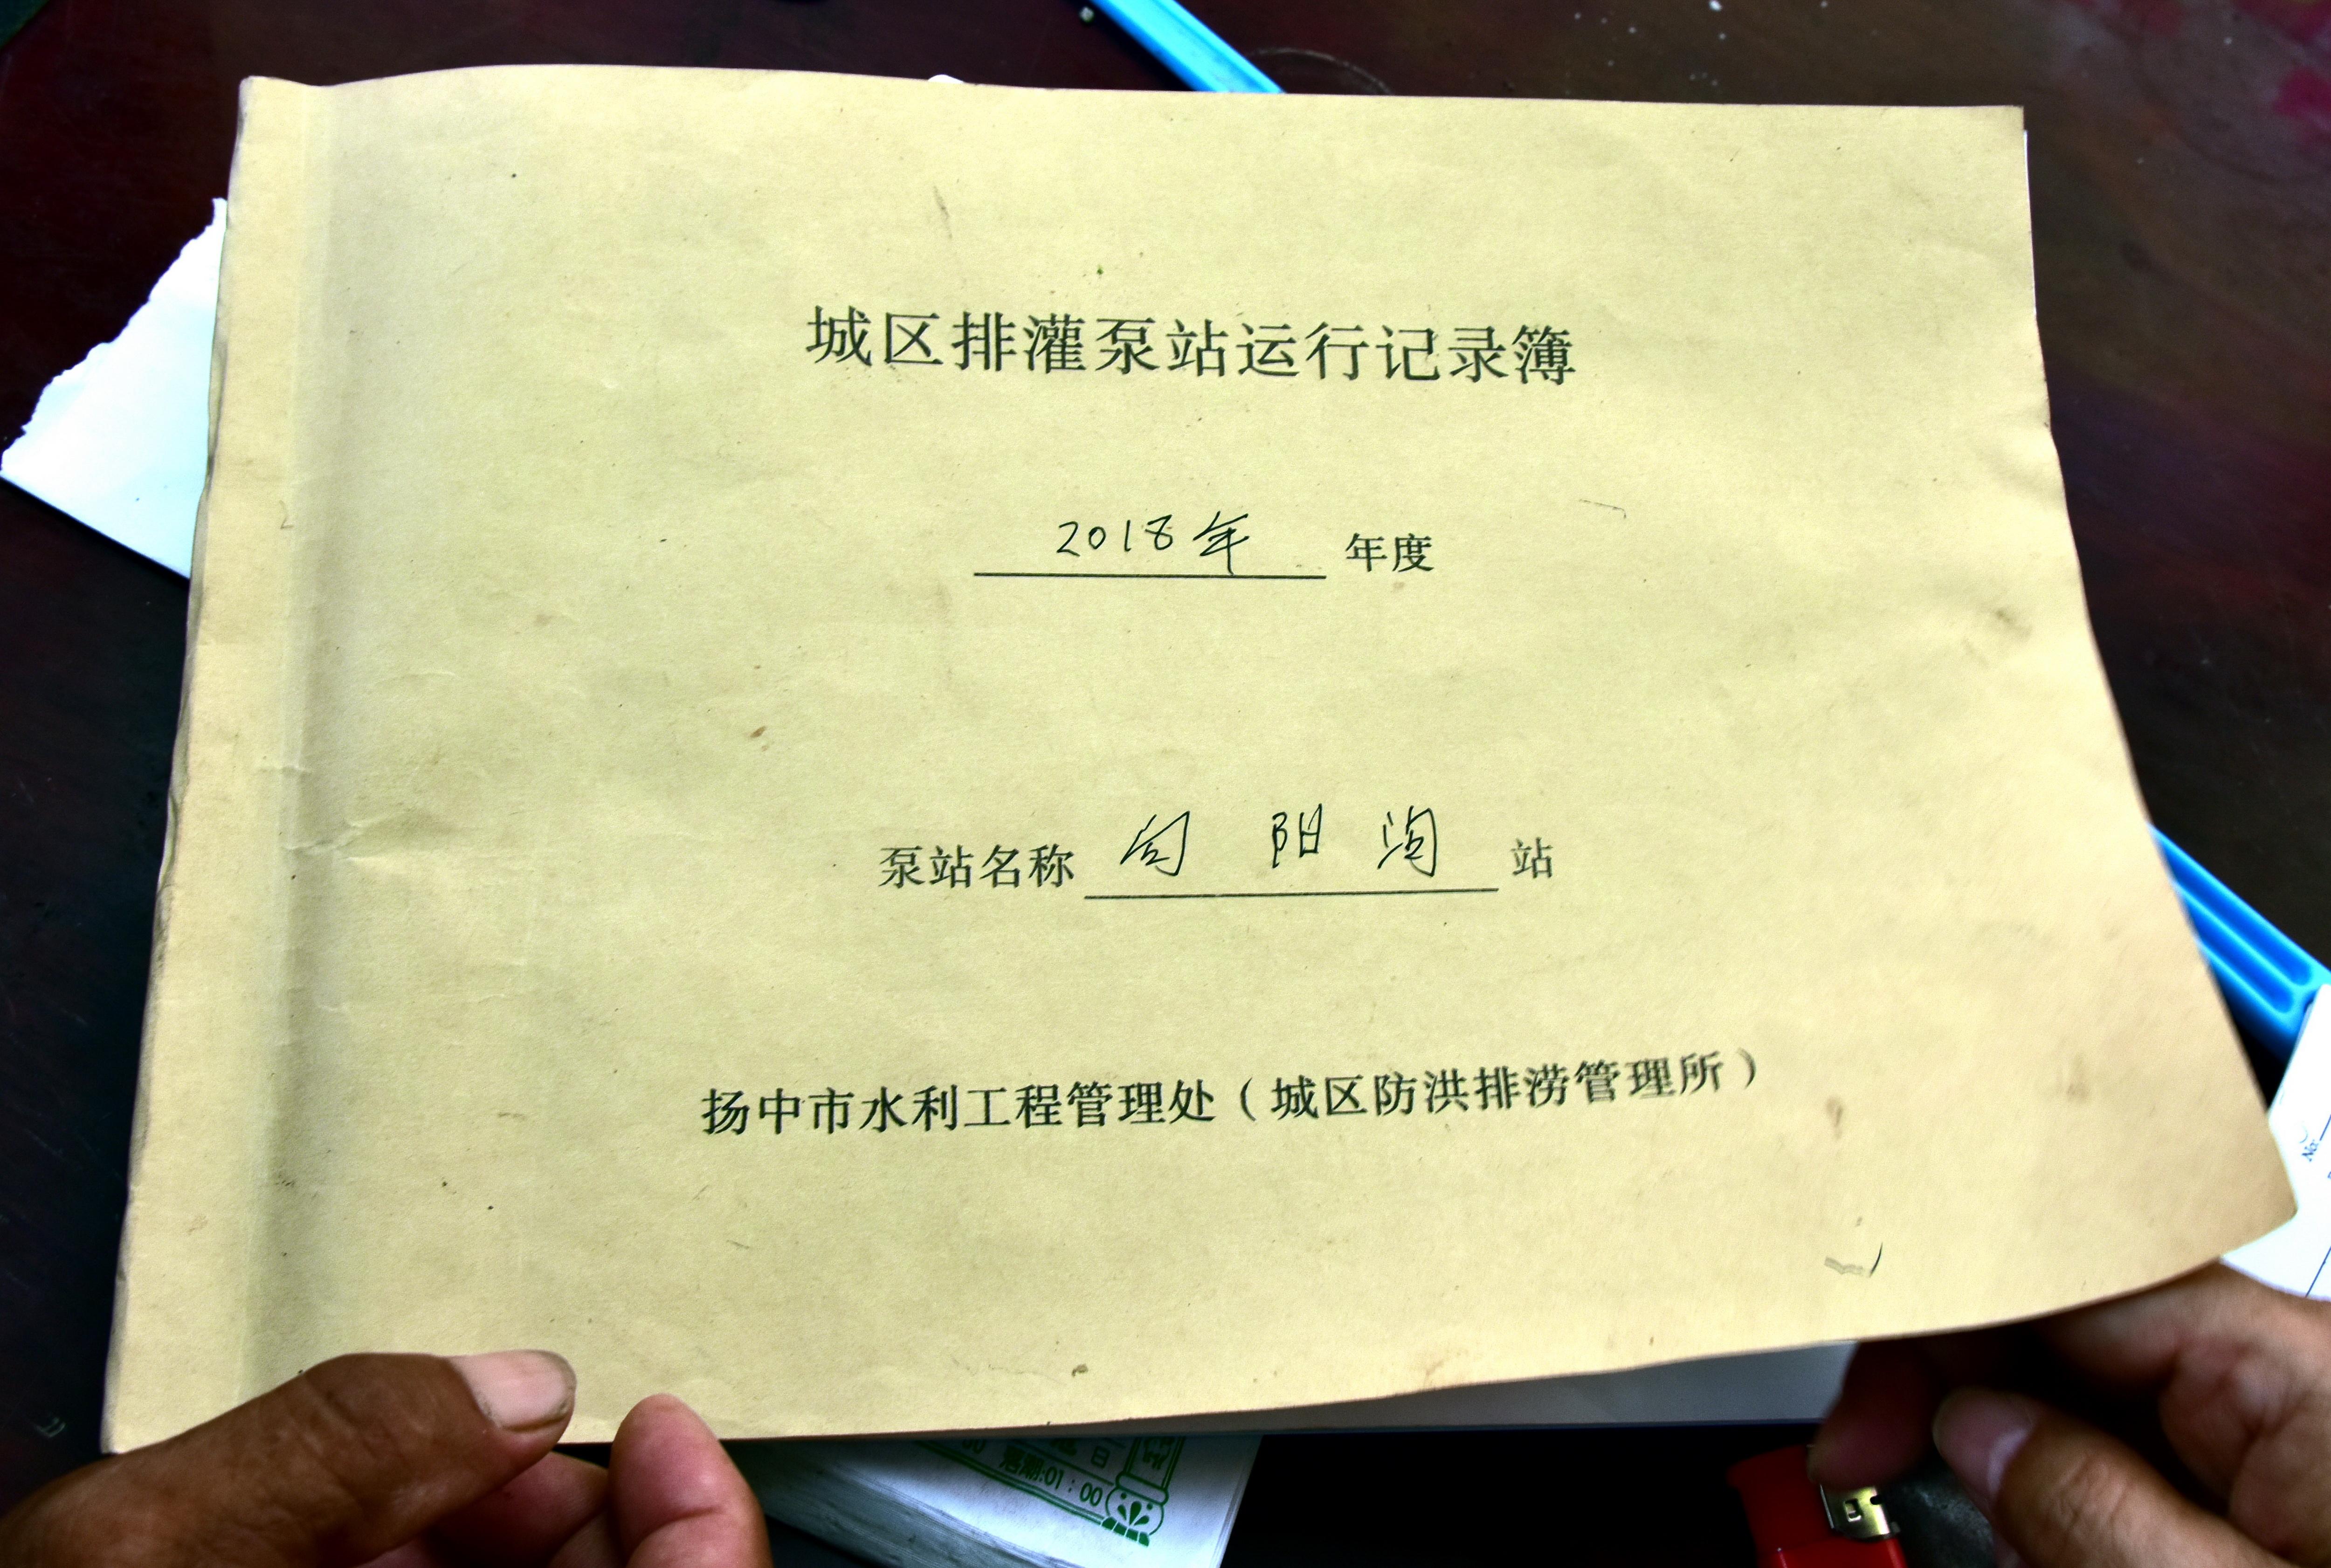 扬中市向阳河站的城区排灌泵站运行记录簿。摄影/章轲